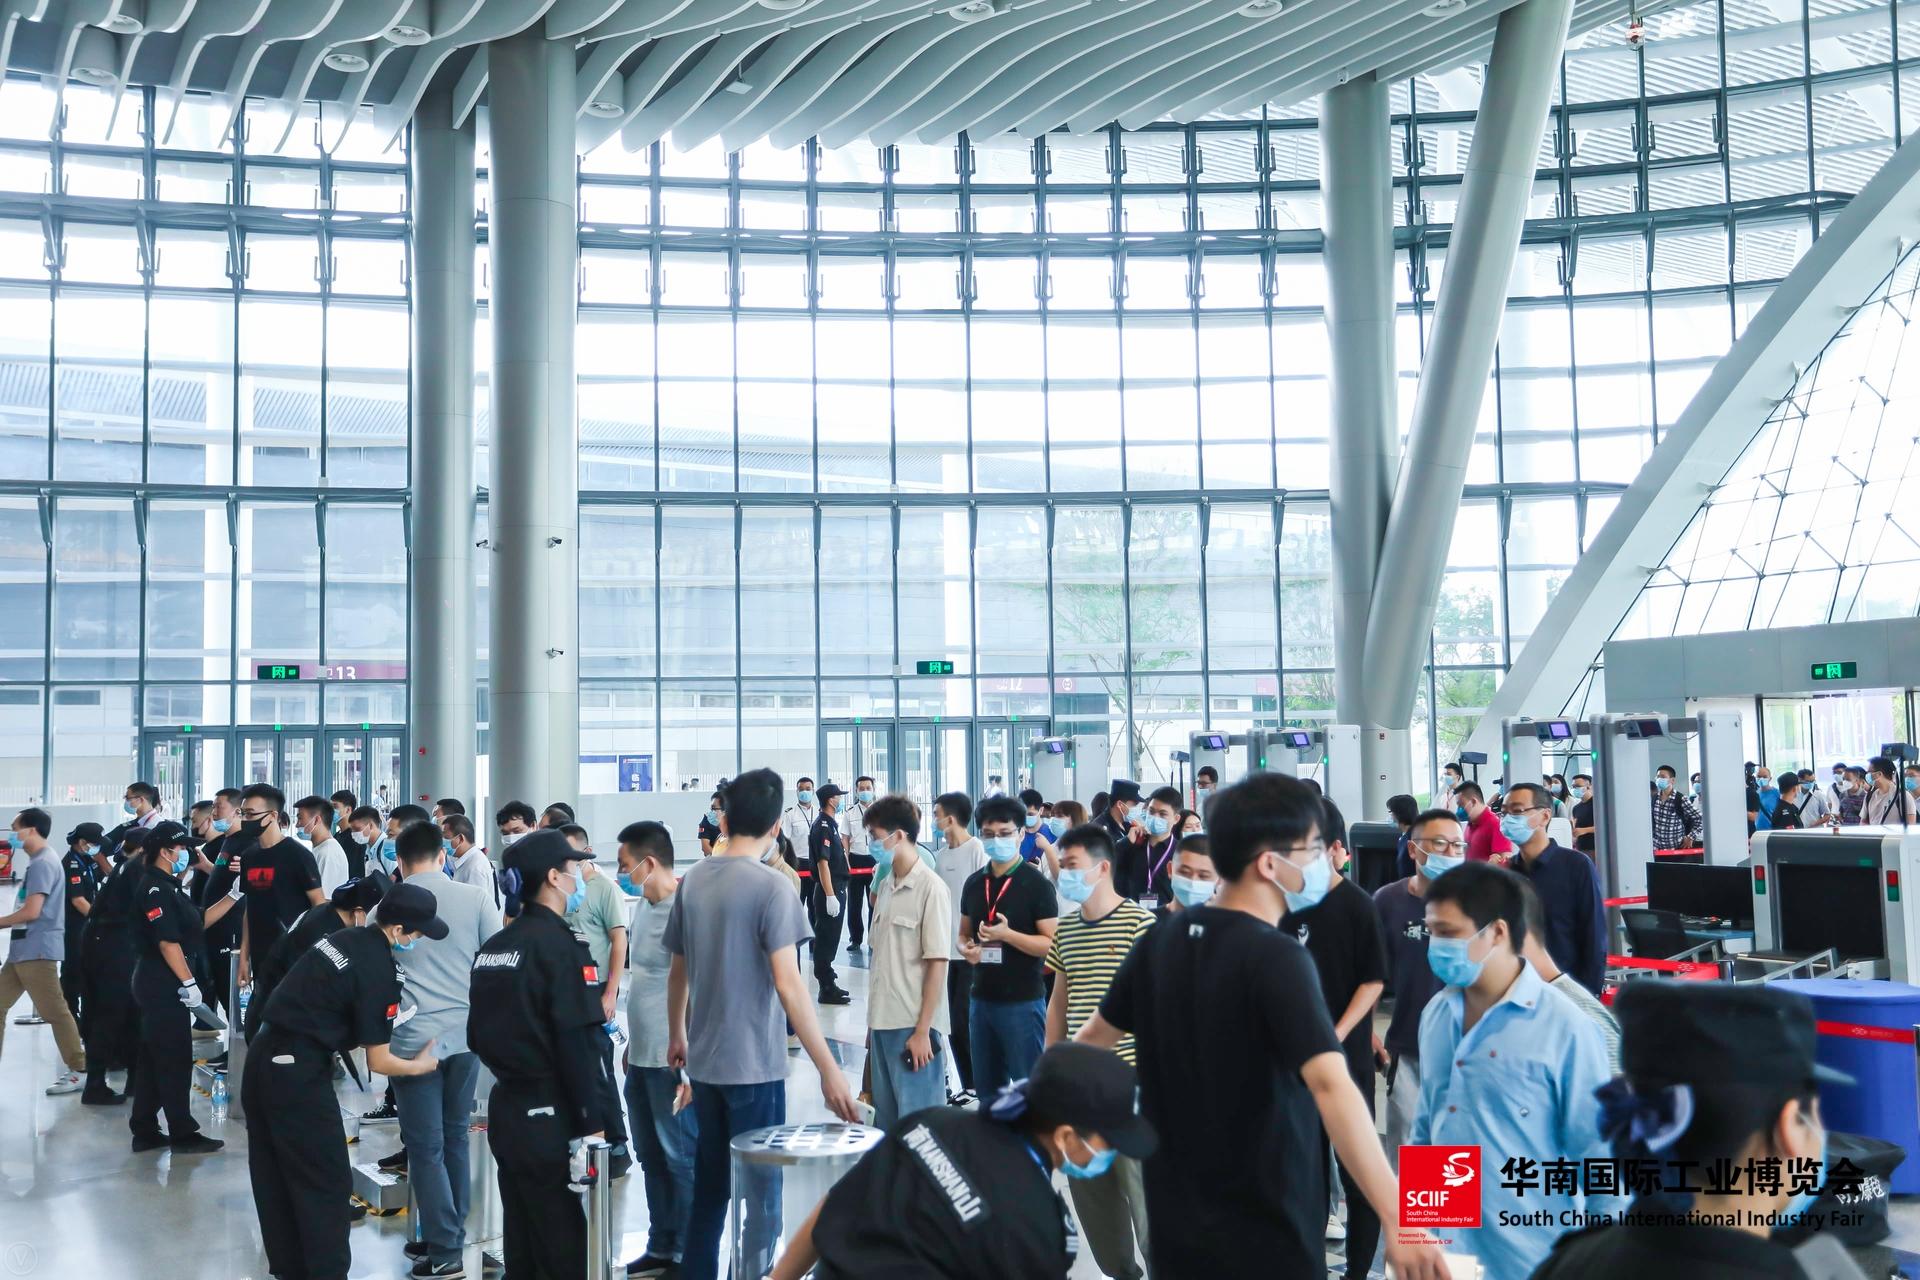 第25届华南国际工业自动化展览会 | 观众预登记重磅开启! 多重福利等您来拿!